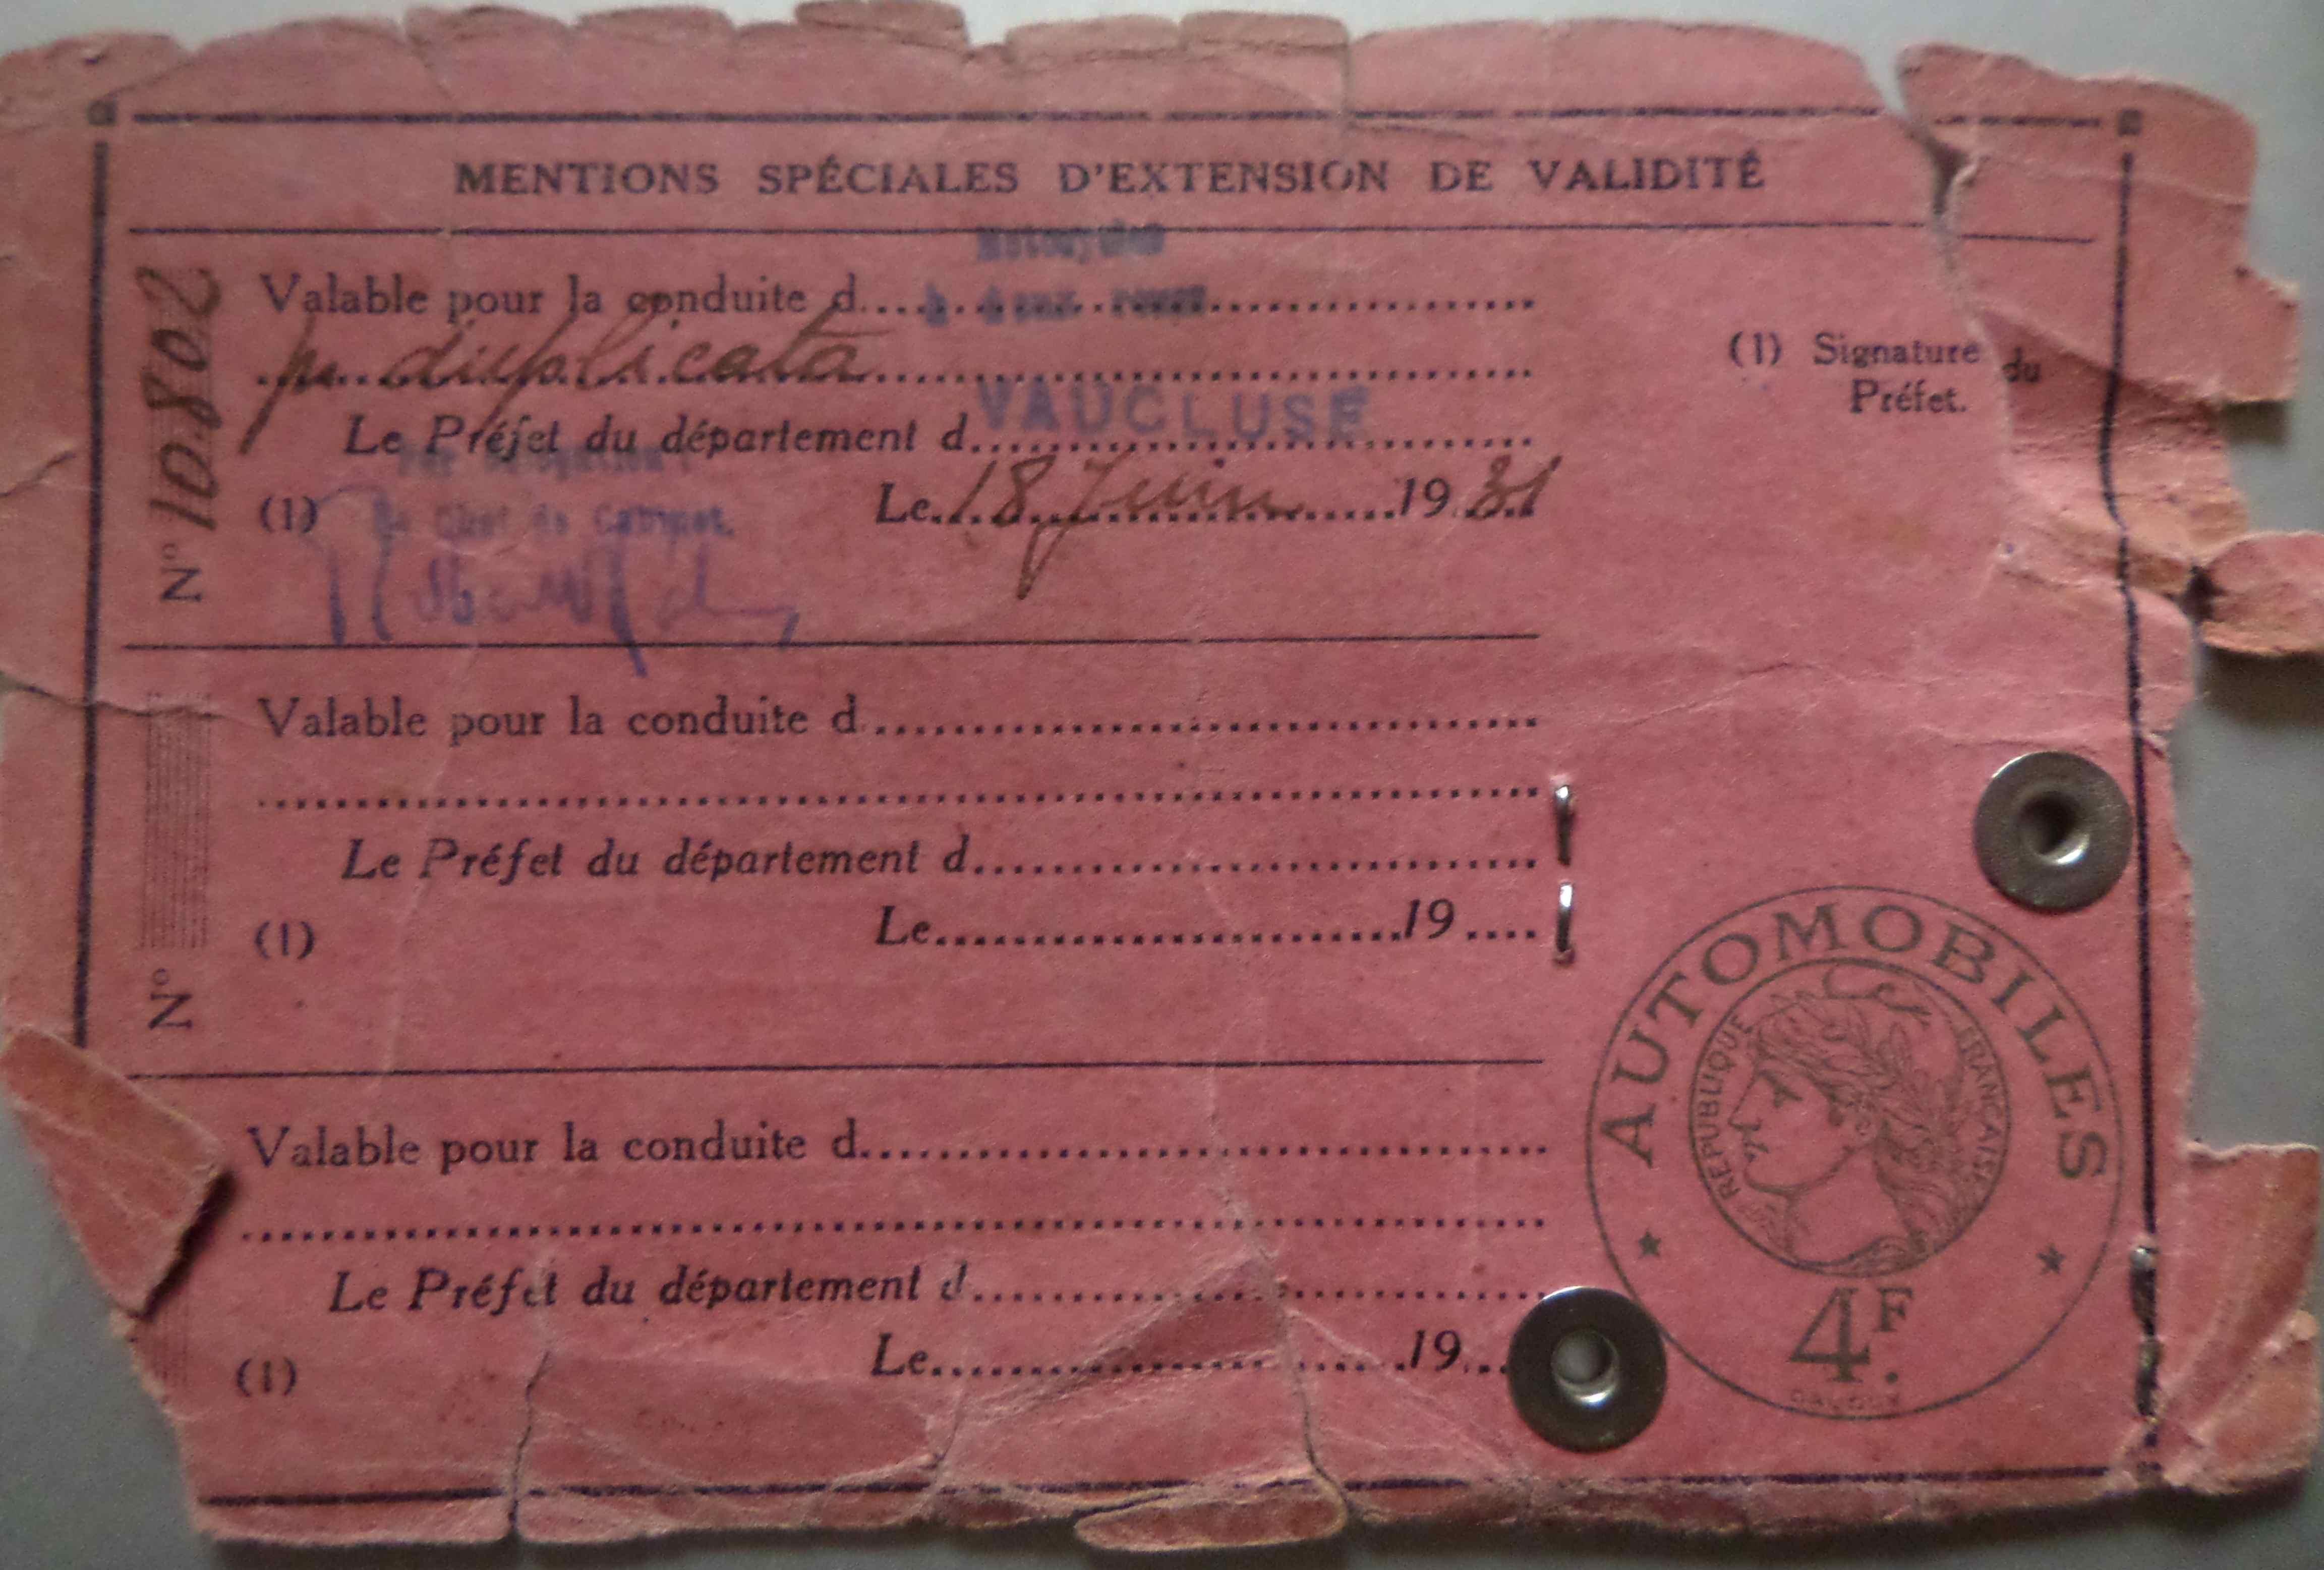 Le permis de conduire de gabriel gu rin obtenu en 1936 - Reussir le permis de conduire du premier coup ...